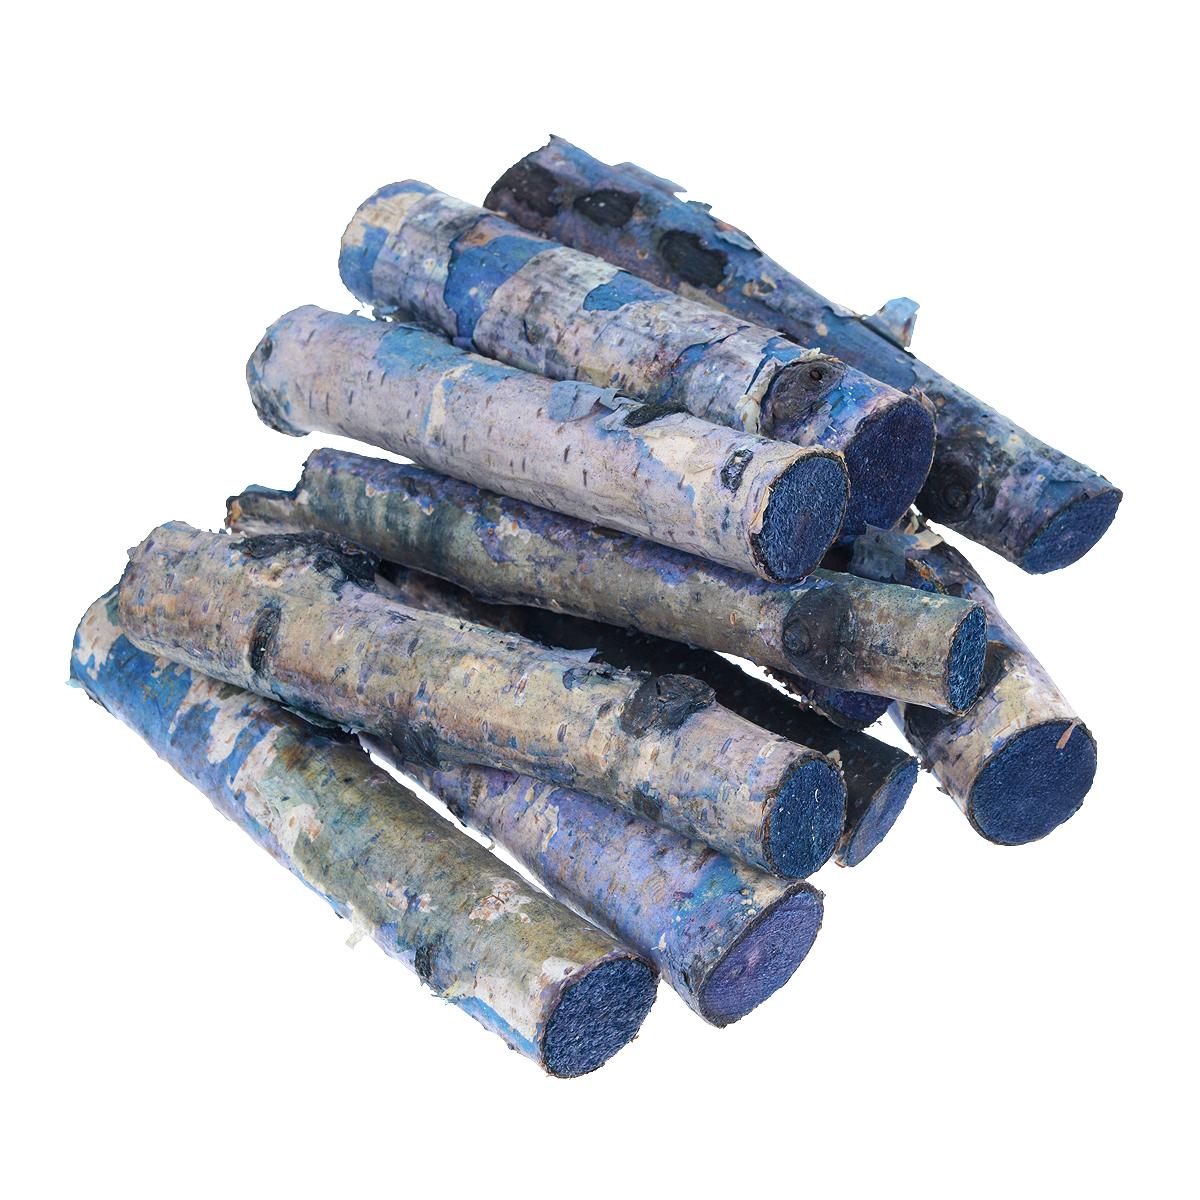 Декоративные элементы Dongjiang Art, цвет: синий, длина 10 см, 250 г7709036_синийДекоративные элементы Dongjiang Art представляют собой ветки деревьев и предназначены для украшения цветочных композиций. Такие элементы могут пригодиться во флористике и многом другом.Флористика - вид декоративно-прикладного искусства, который использует живые, засушенные или консервированные природные материалы для создания флористических работ. Это целый мир, в котором есть место и строгому математическому расчету, и вдохновению, полету фантазии. Длина ветки: 10 см. Диаметр ветки: 1,5 см; 2,2 см.